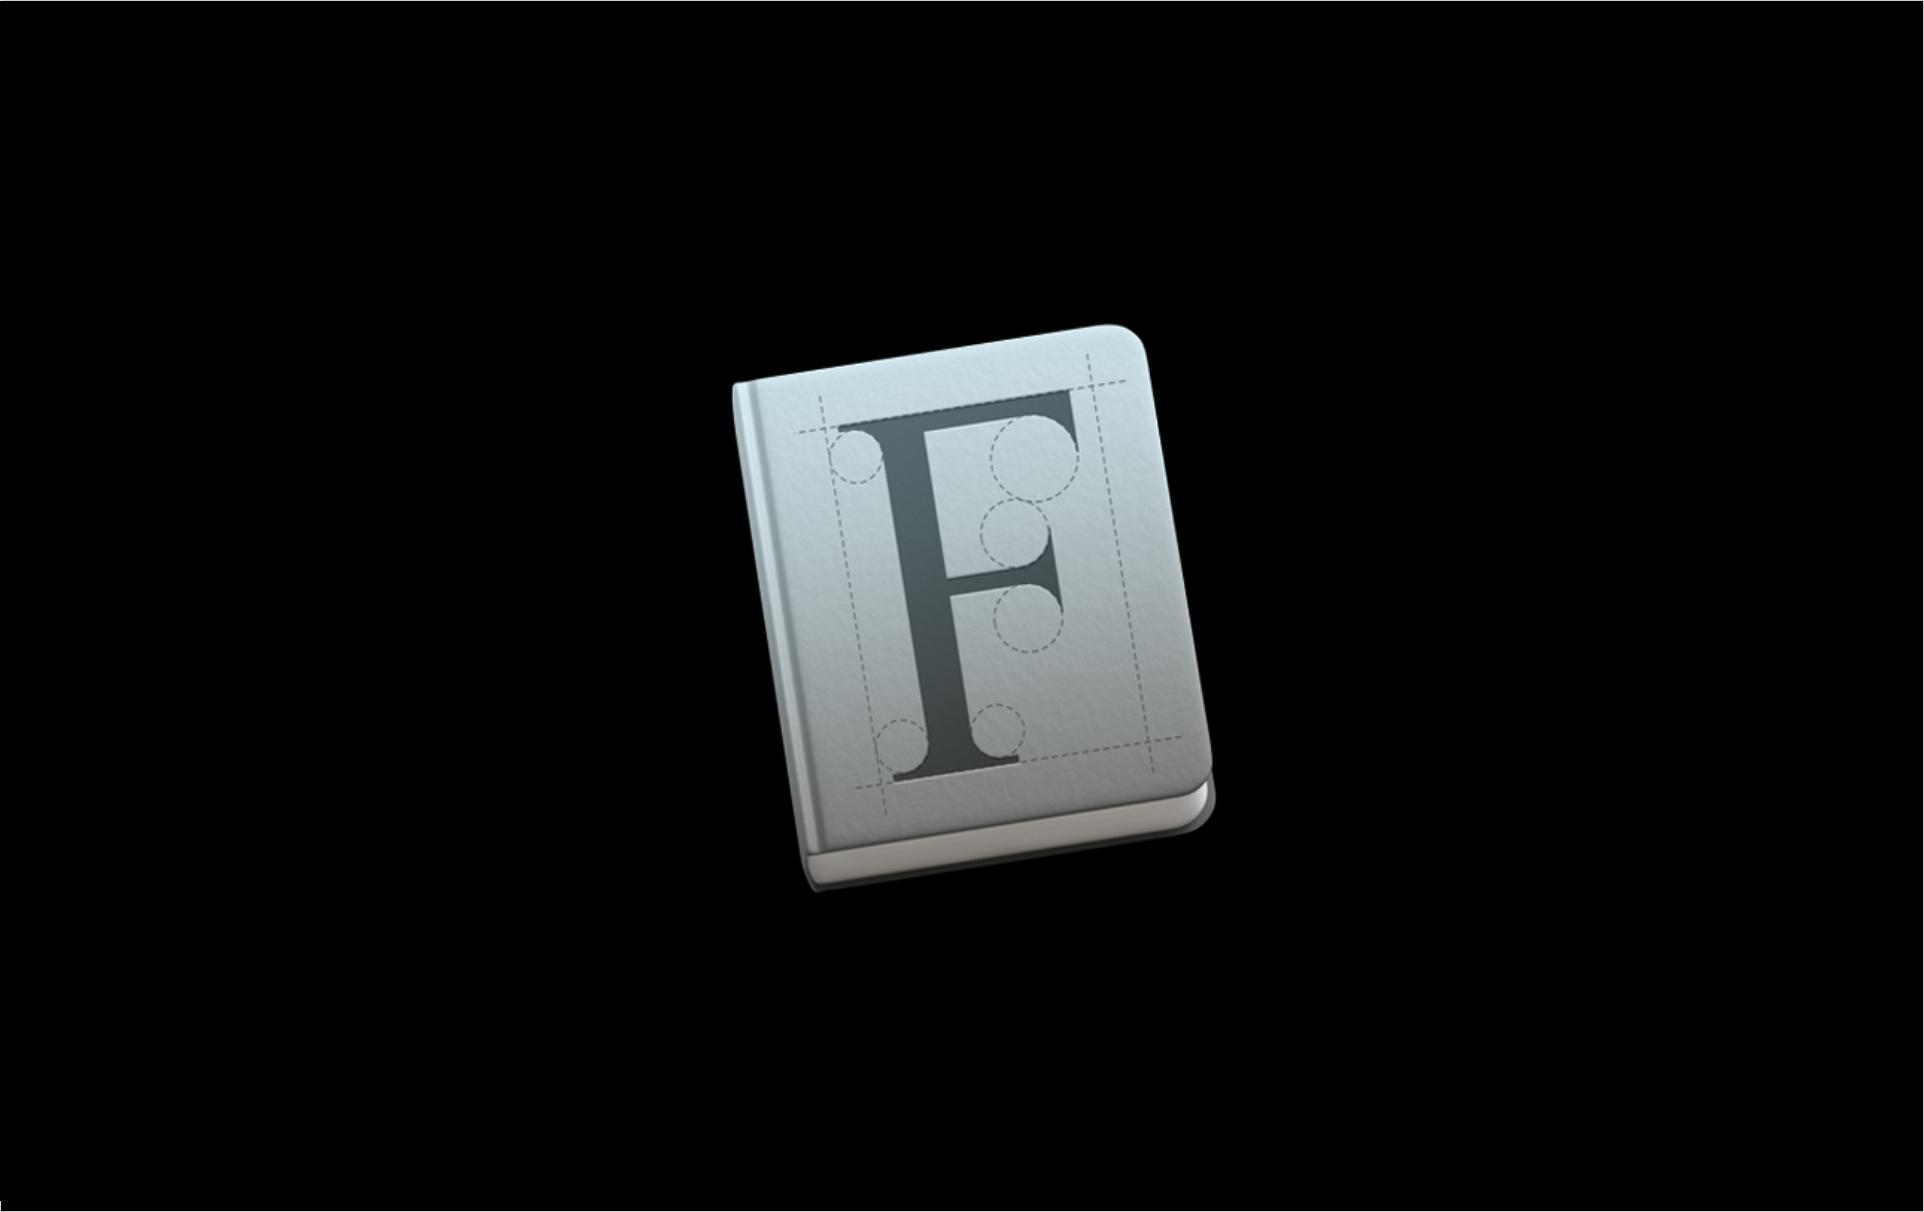 MacOS'a yazı fontu nasıl yüklenir?